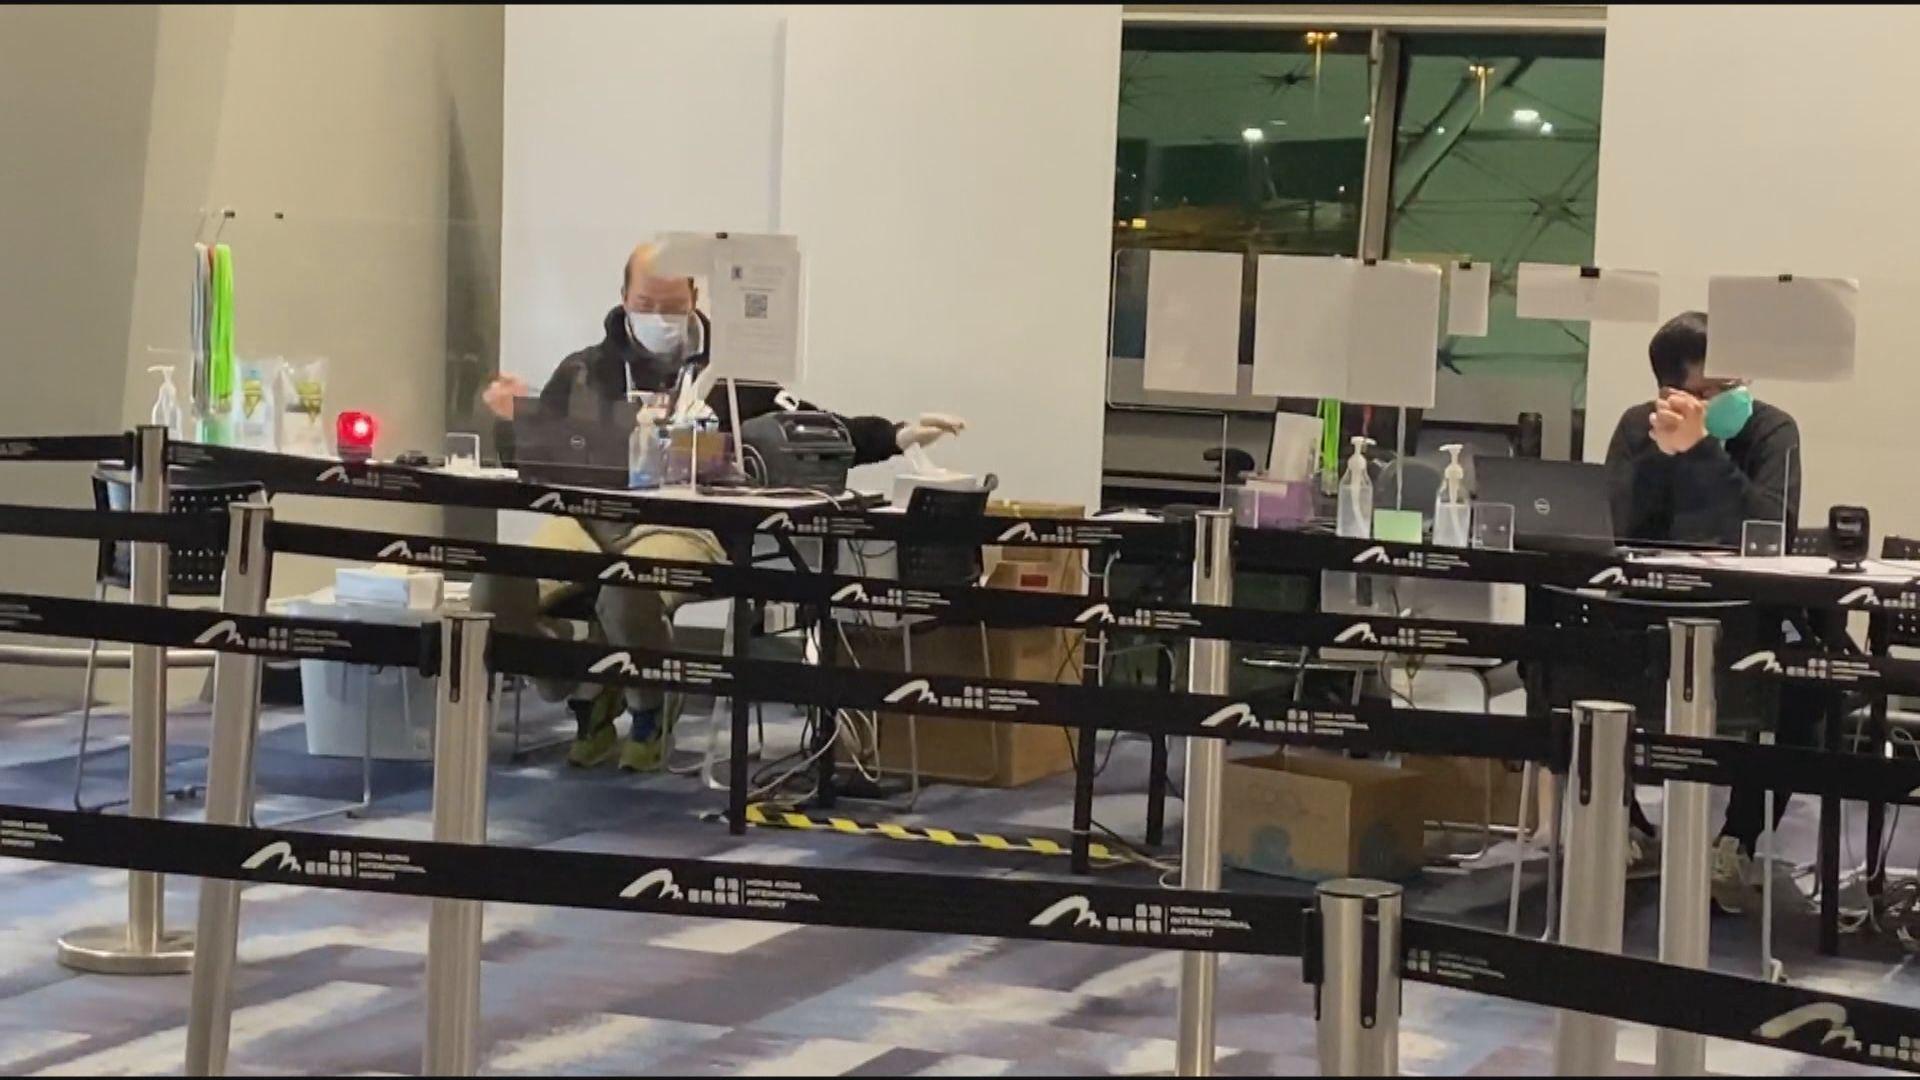 【即日焦點】機場員工確診帶變種病毒 料因接觸轉機乘客感染;阿富汗恐成恐怖組織溫床 專家:塔利班難完全停止支持東伊運